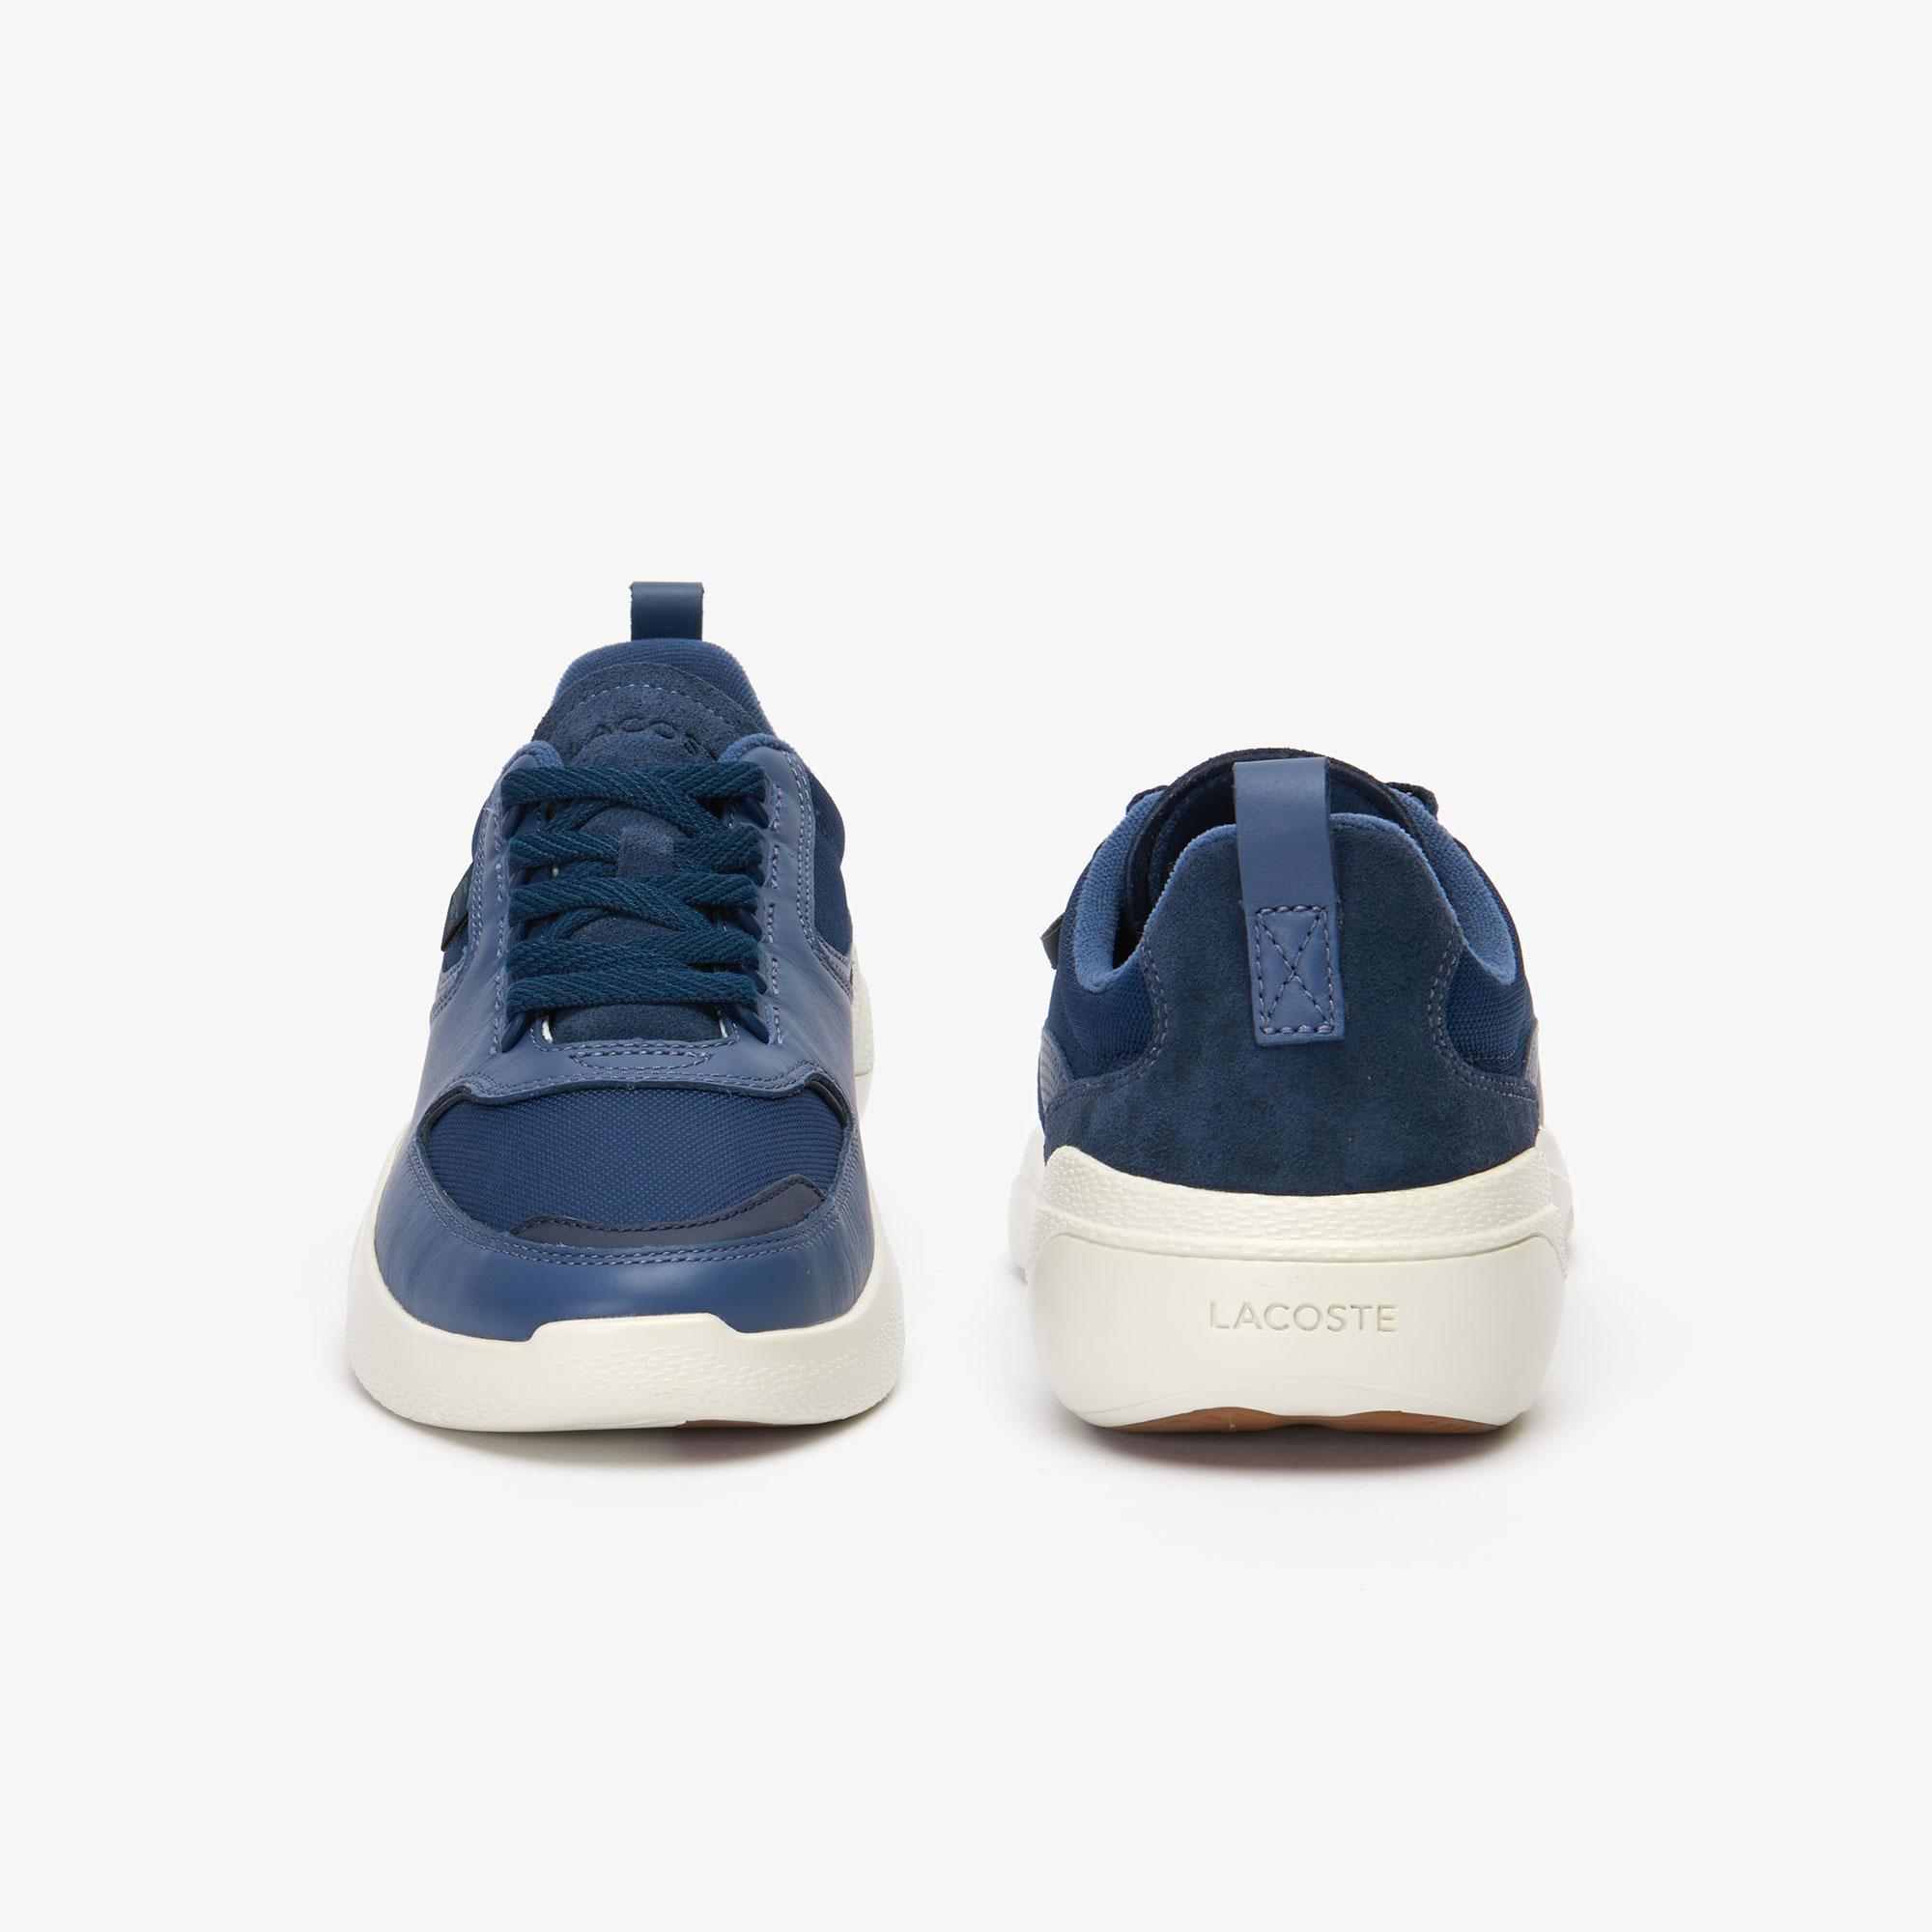 Lacoste Wildcard 319 1 Sma Erkek Lacivert - Bej Sneaker